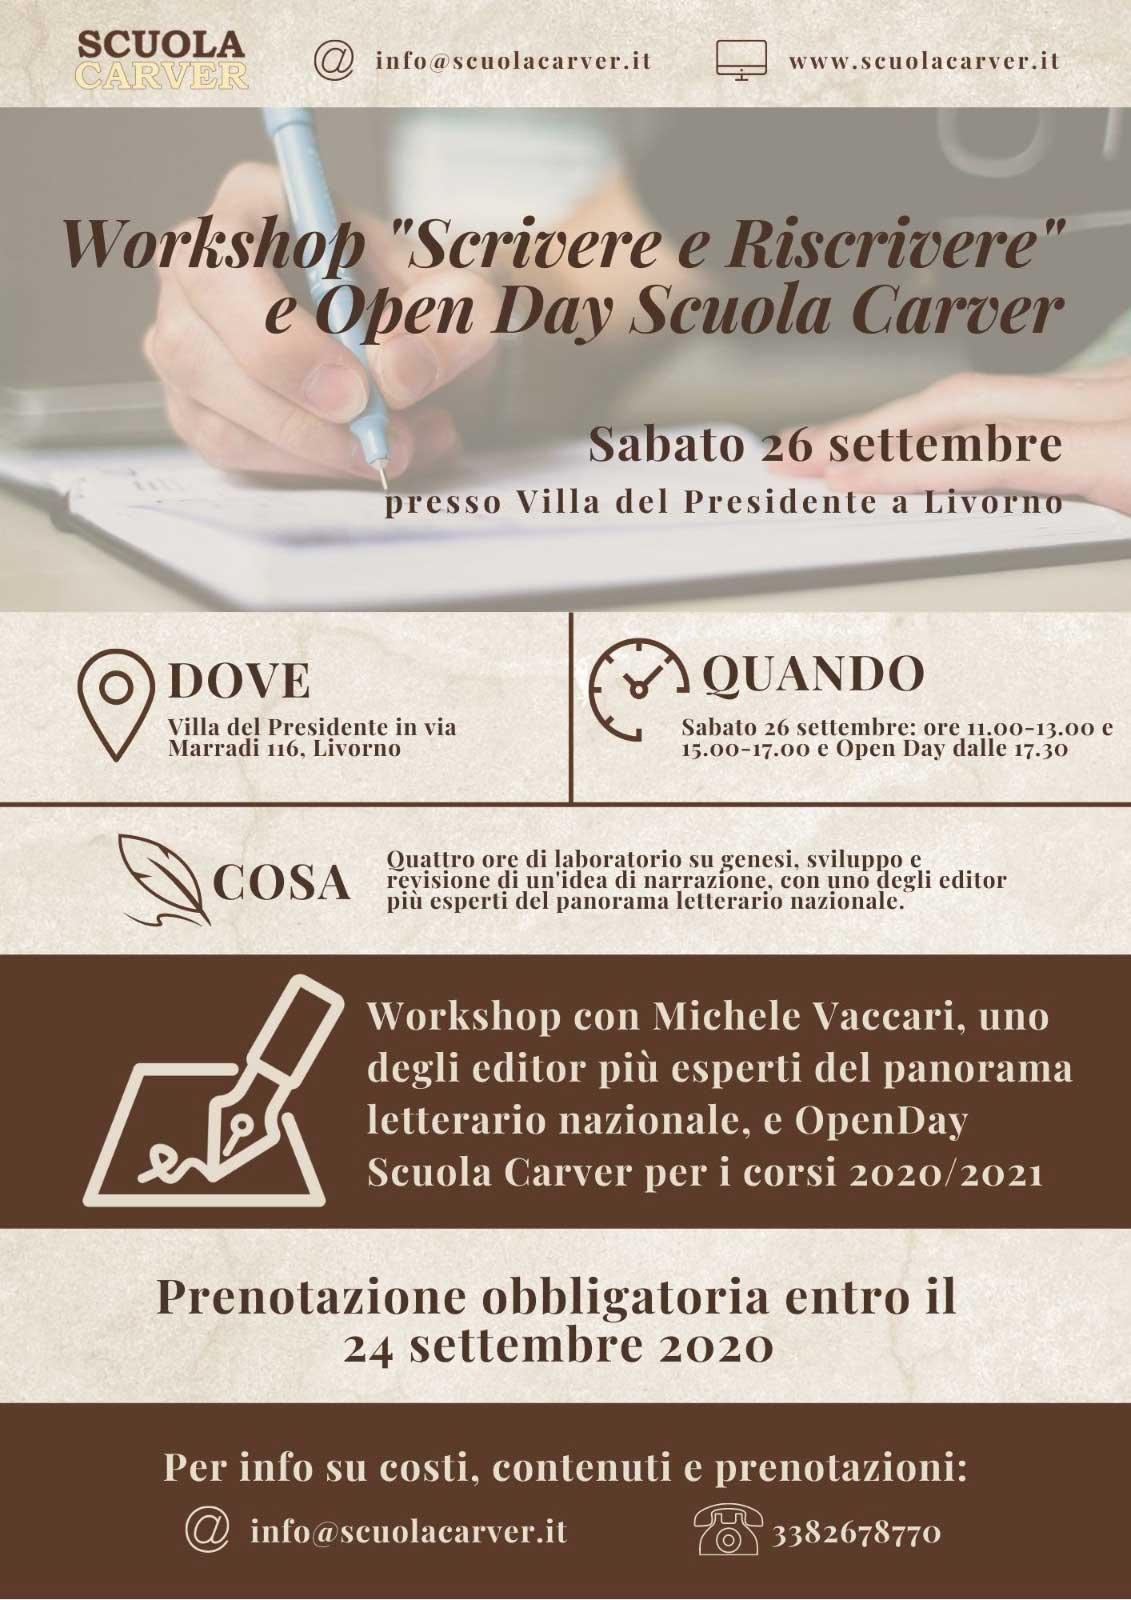 locandina-eventi-scrivere-riscrivere-scuola-carver